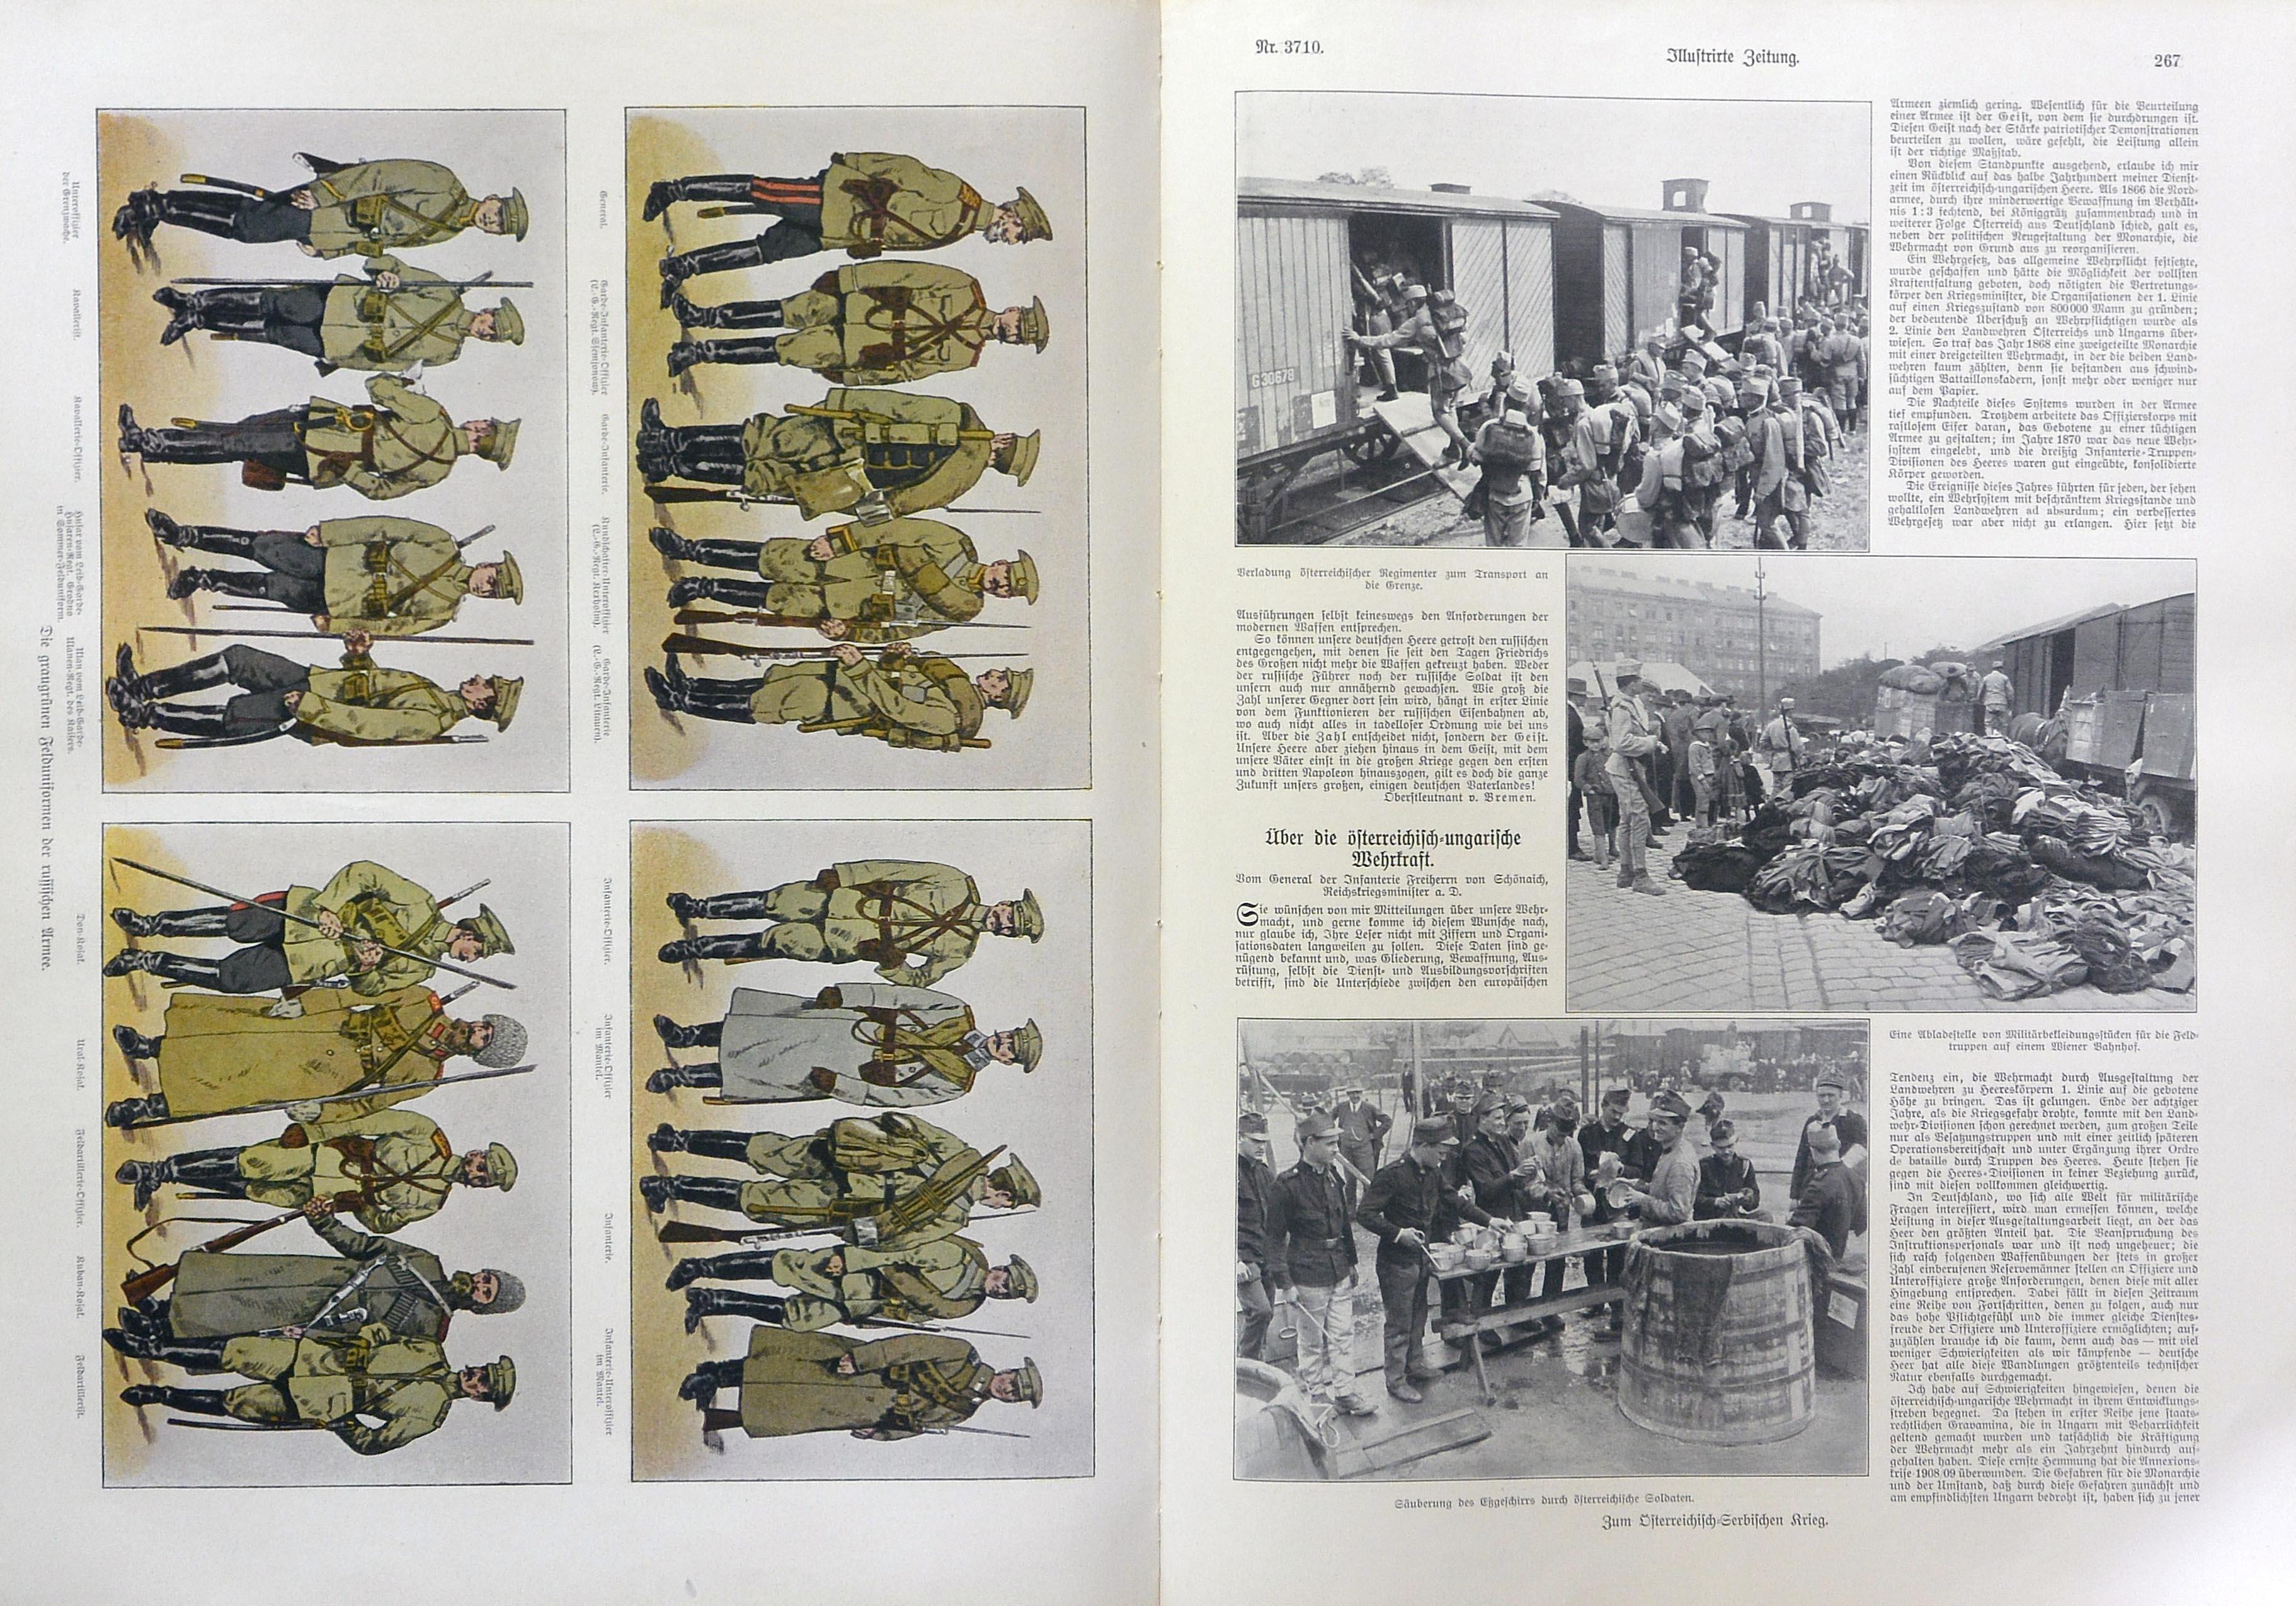 the Russian uniforms and the first photos of the regiments leaving for the front - le uniformi russe e le prime foto dei soldati che partono per il fronte